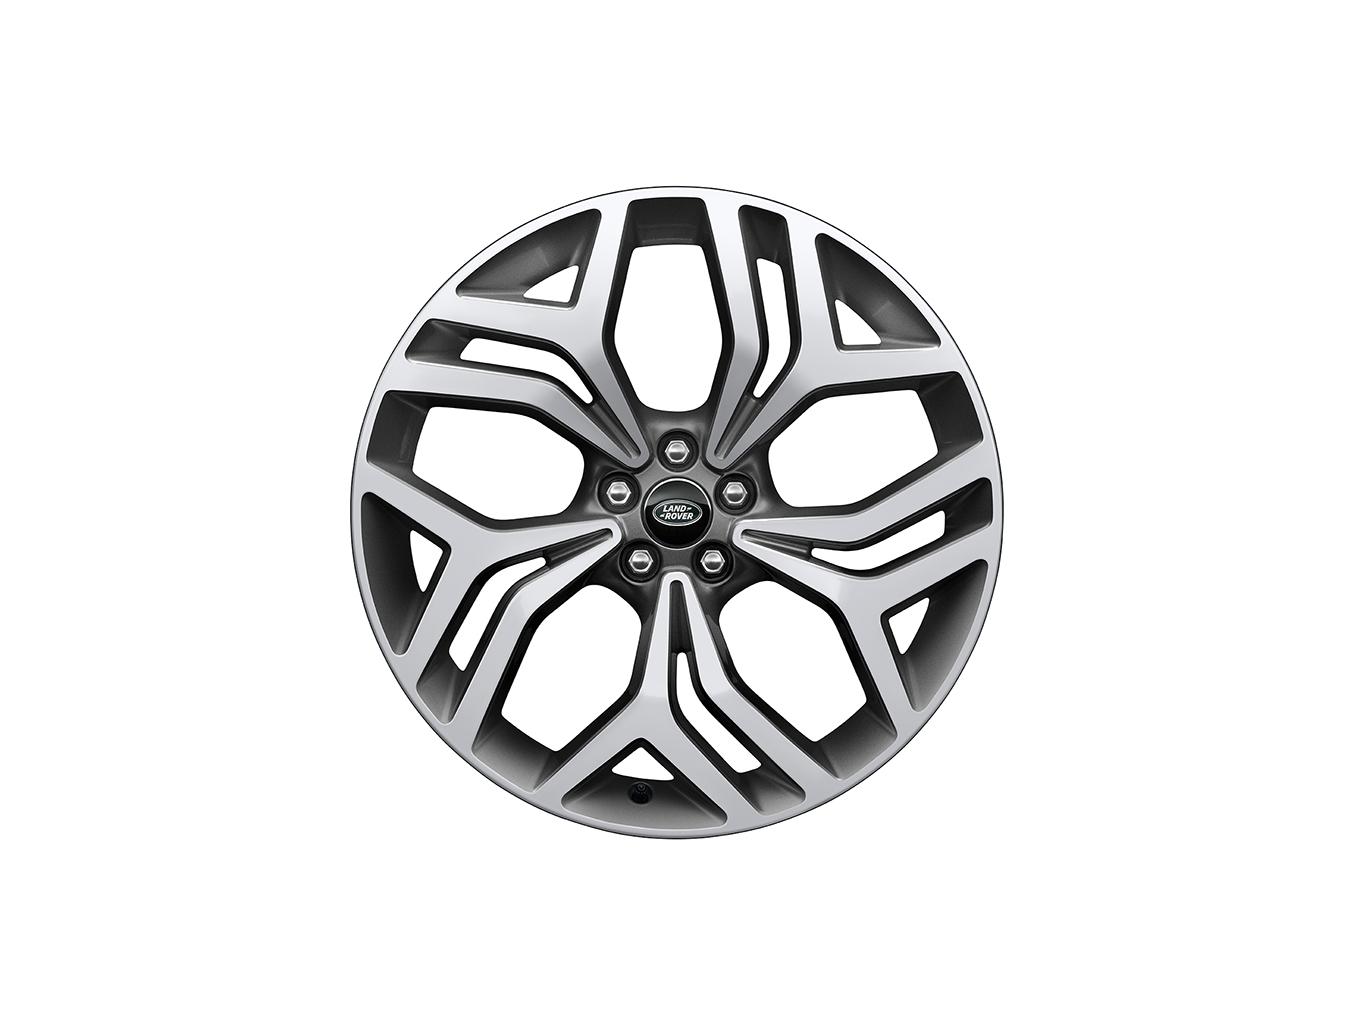 Колесный диск R21 Style 5047 Diamond Turned для Range Rover Velar